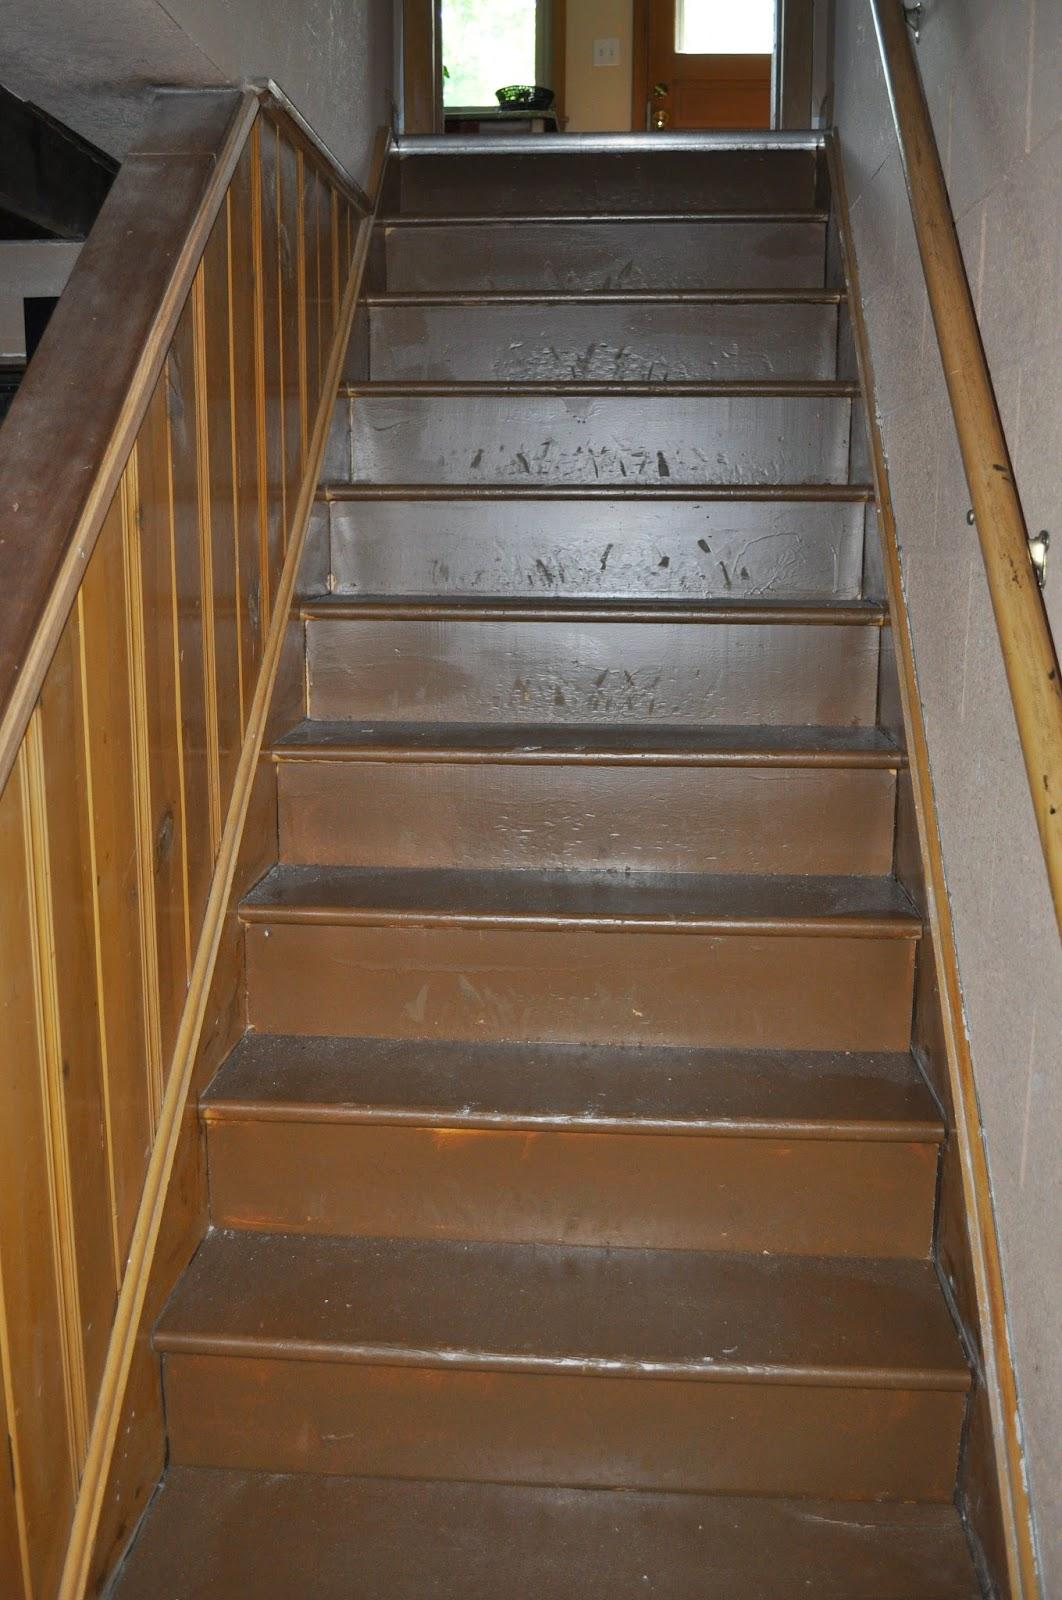 Stairs, Painting, Basement, Basement Stairs, Treads, Risers, Runner,  Lighting